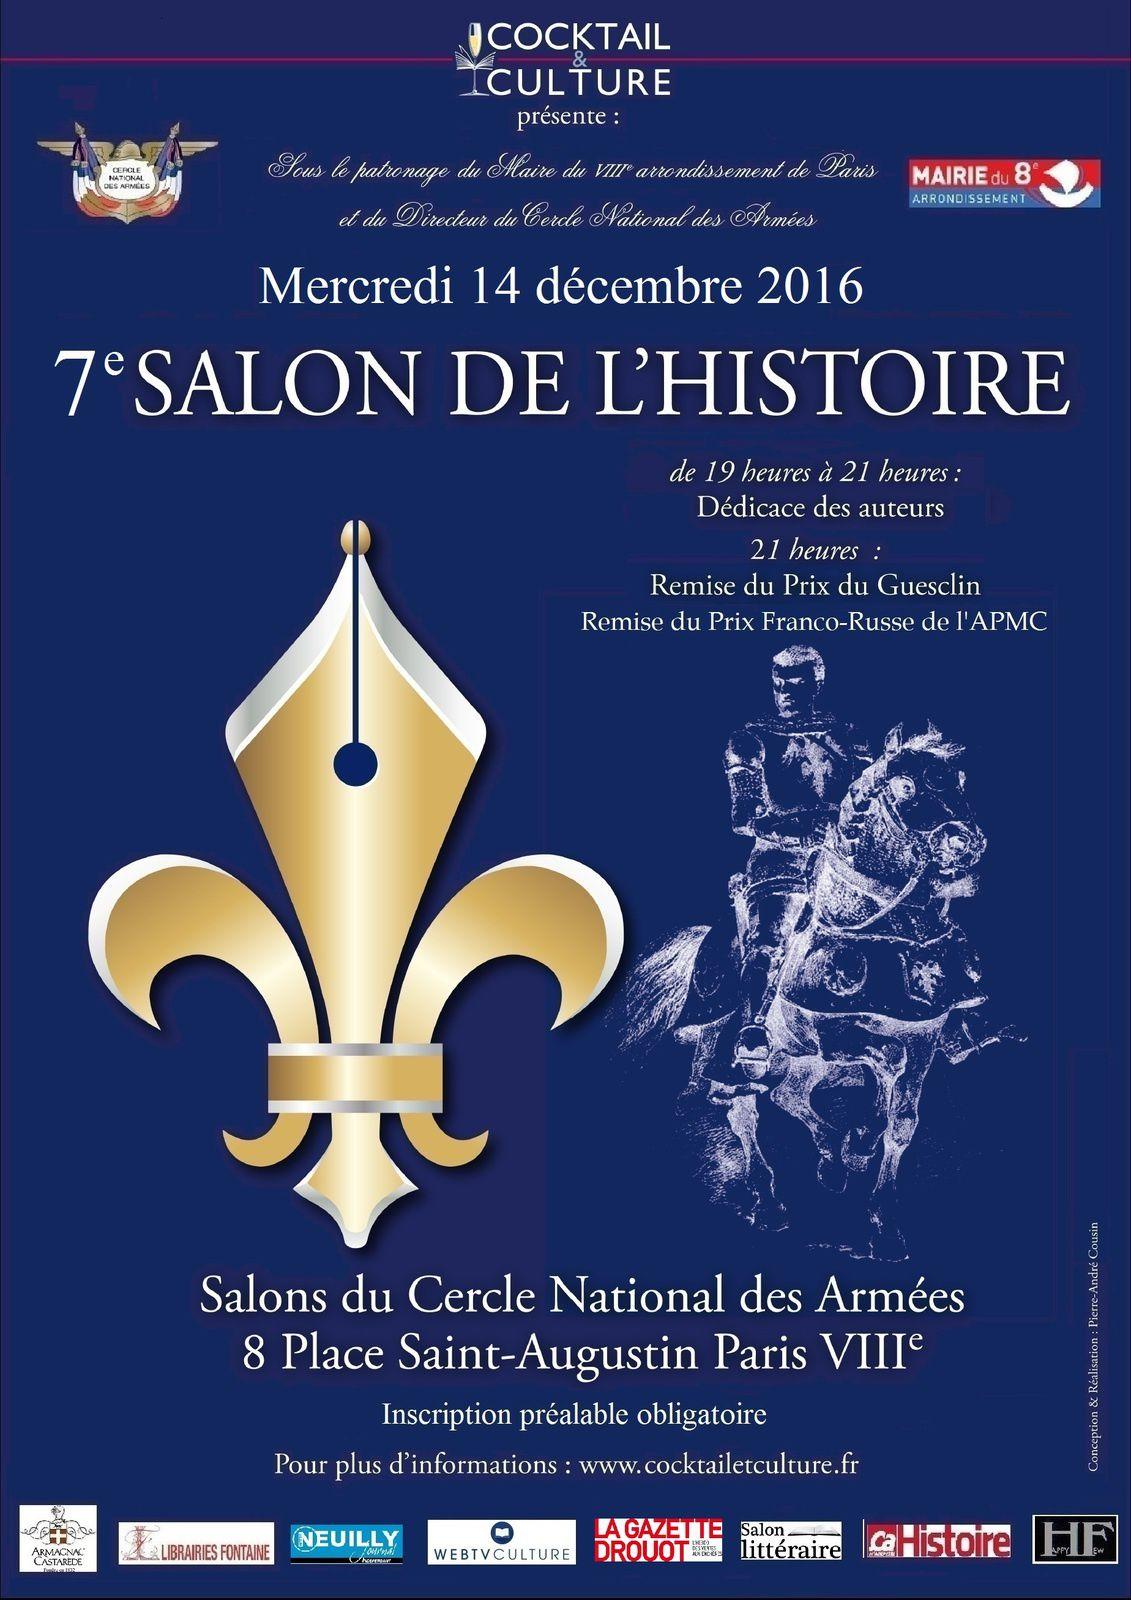 7e Salon de l'Histoire.